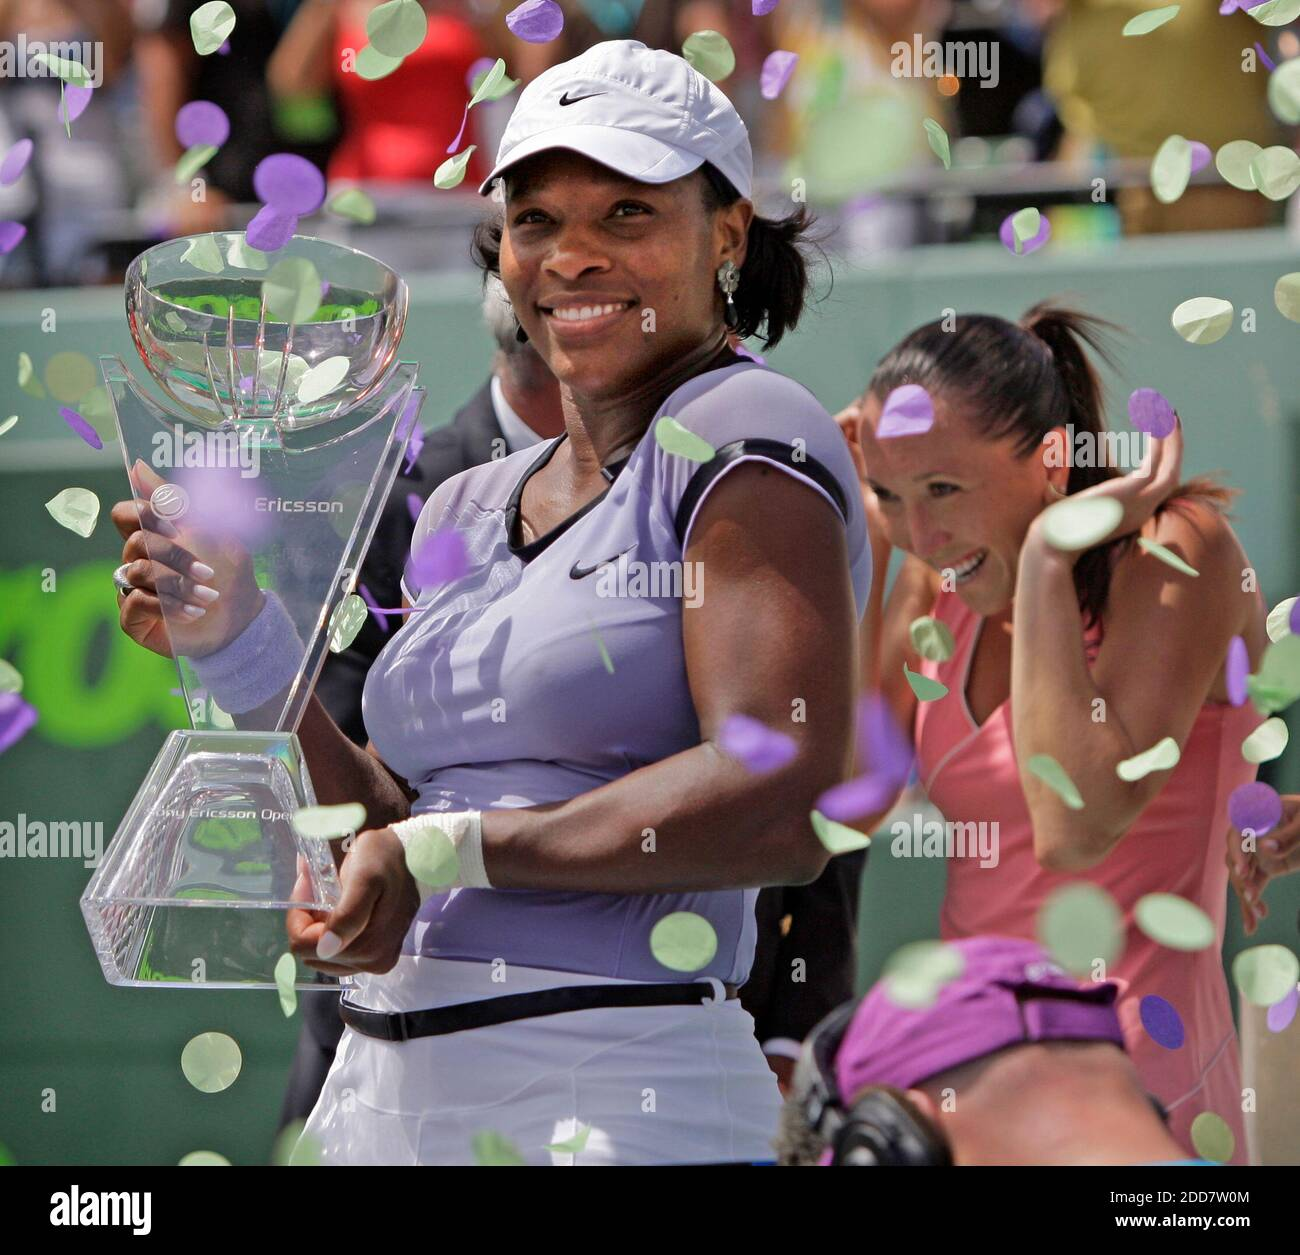 NO HAY PELÍCULA, NO HAY VÍDEO, NO hay televisión, NO HAY DOCUMENTAL - Serena Williams, de los Estados Unidos, tiene su trofeo después de derrotar a Jelena Jankovic, de Serbia, en las finales del Sony Ericsson Open en Key Biscayne, FL, USA el 5 de abril de 2008. Foto de al Diaz/Miami Herald/MCT/Cameleon/ABACAPRESS.COM Foto de stock